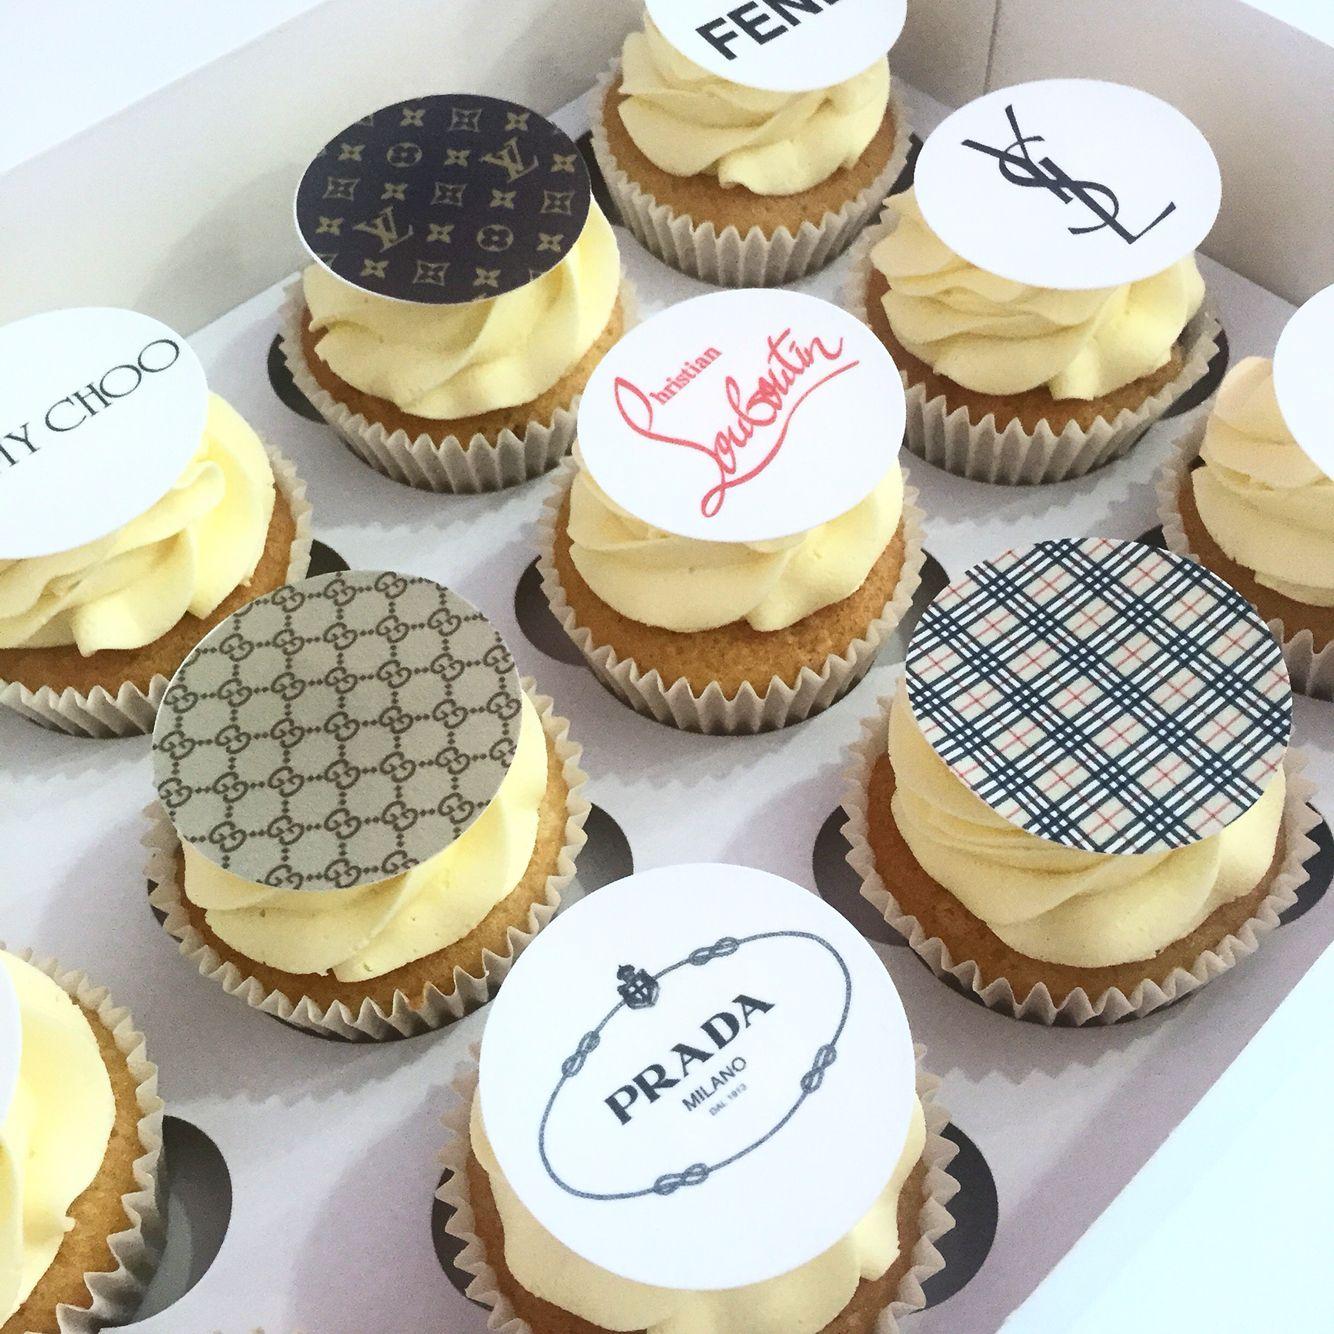 Designer logo cupcakes